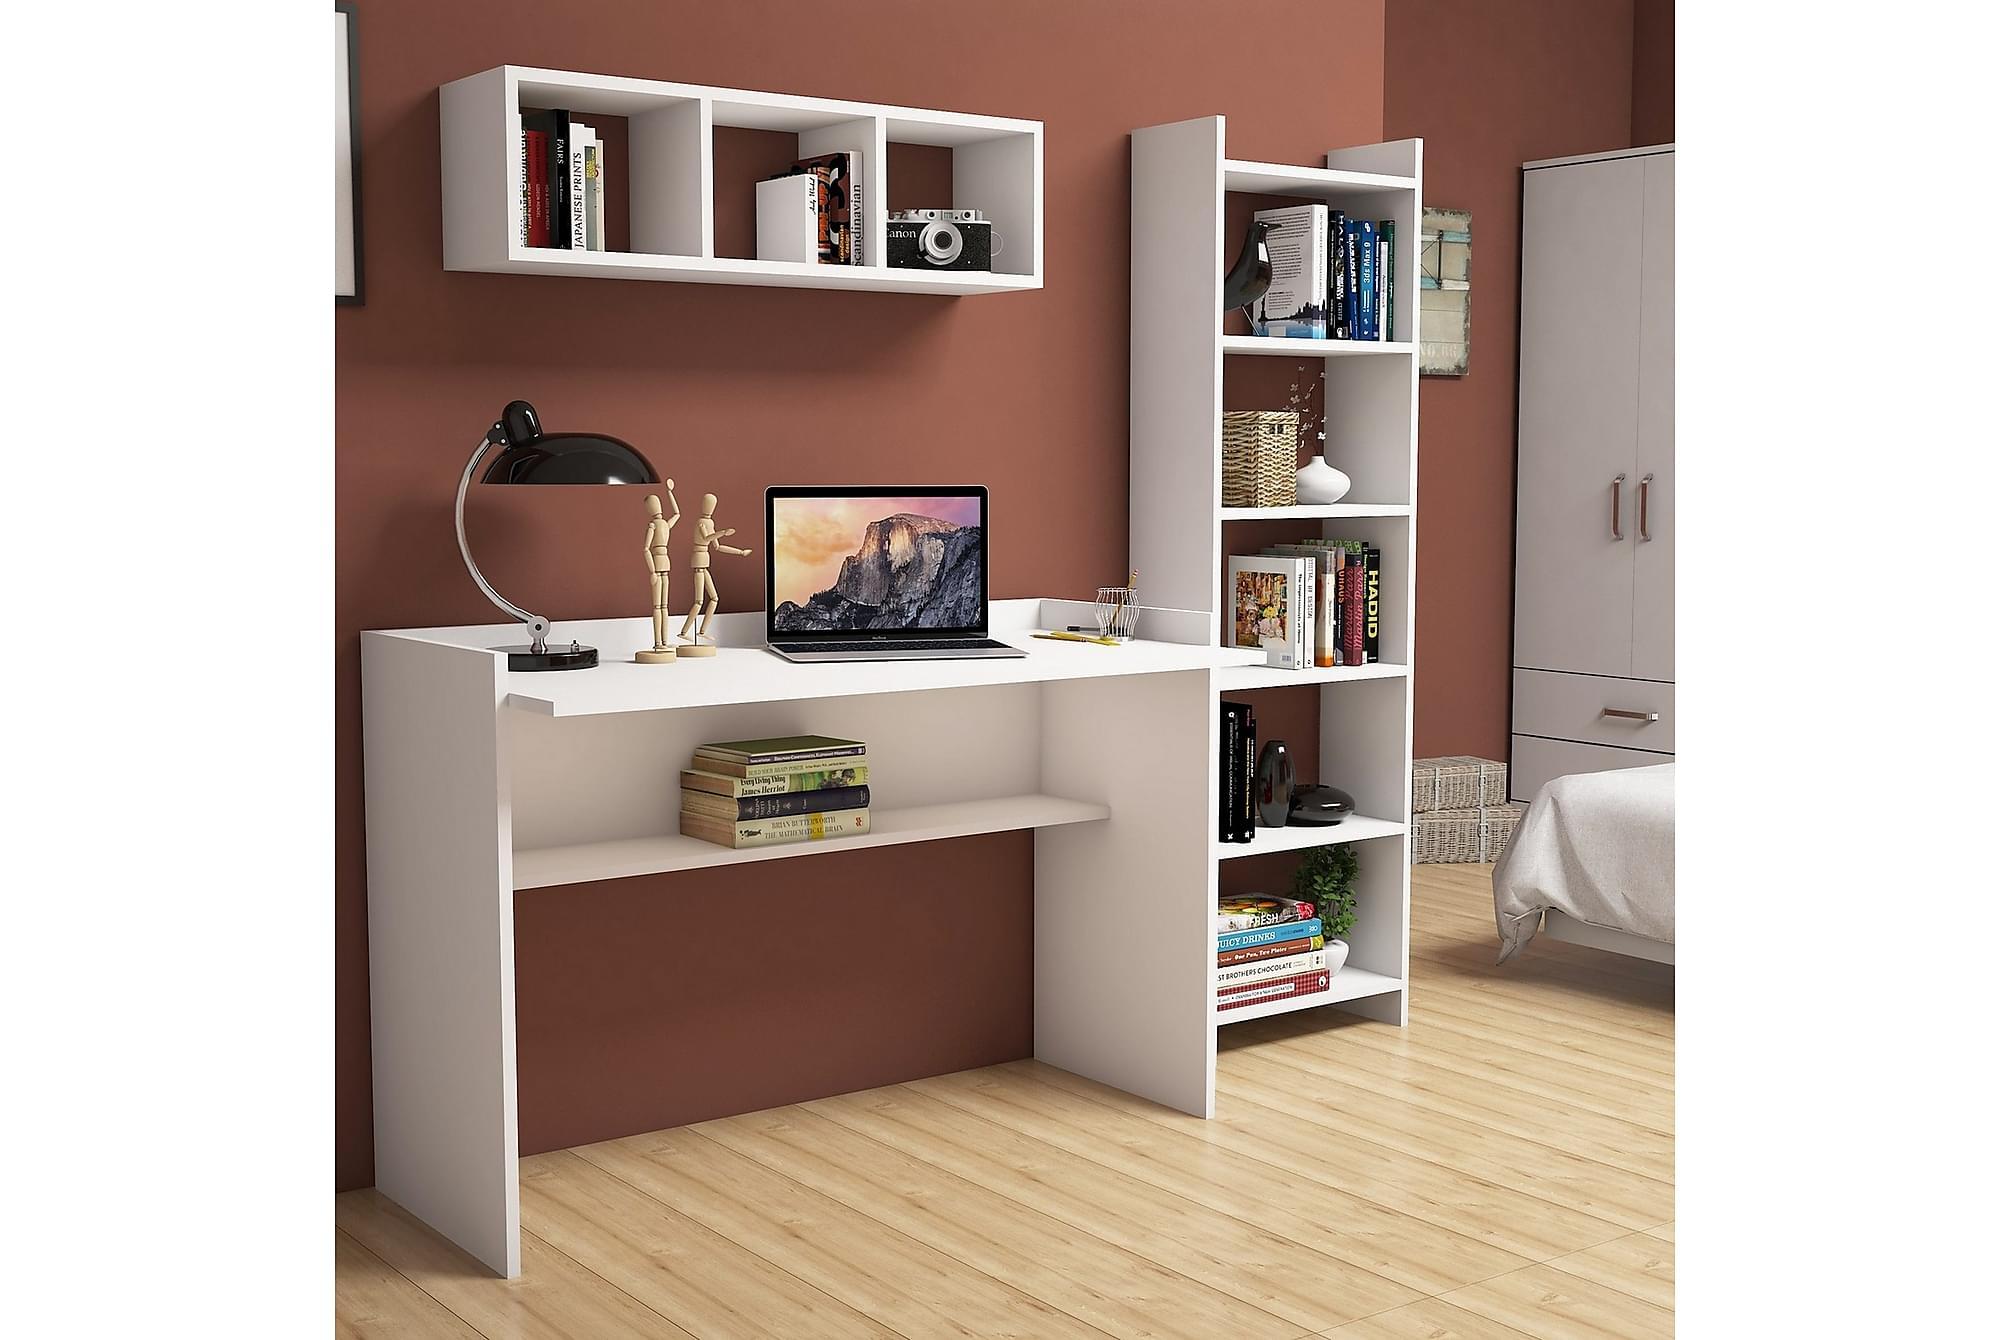 HYLEIGH Kontorsmöbelset 118 cm Vit, Möbelset för kontor